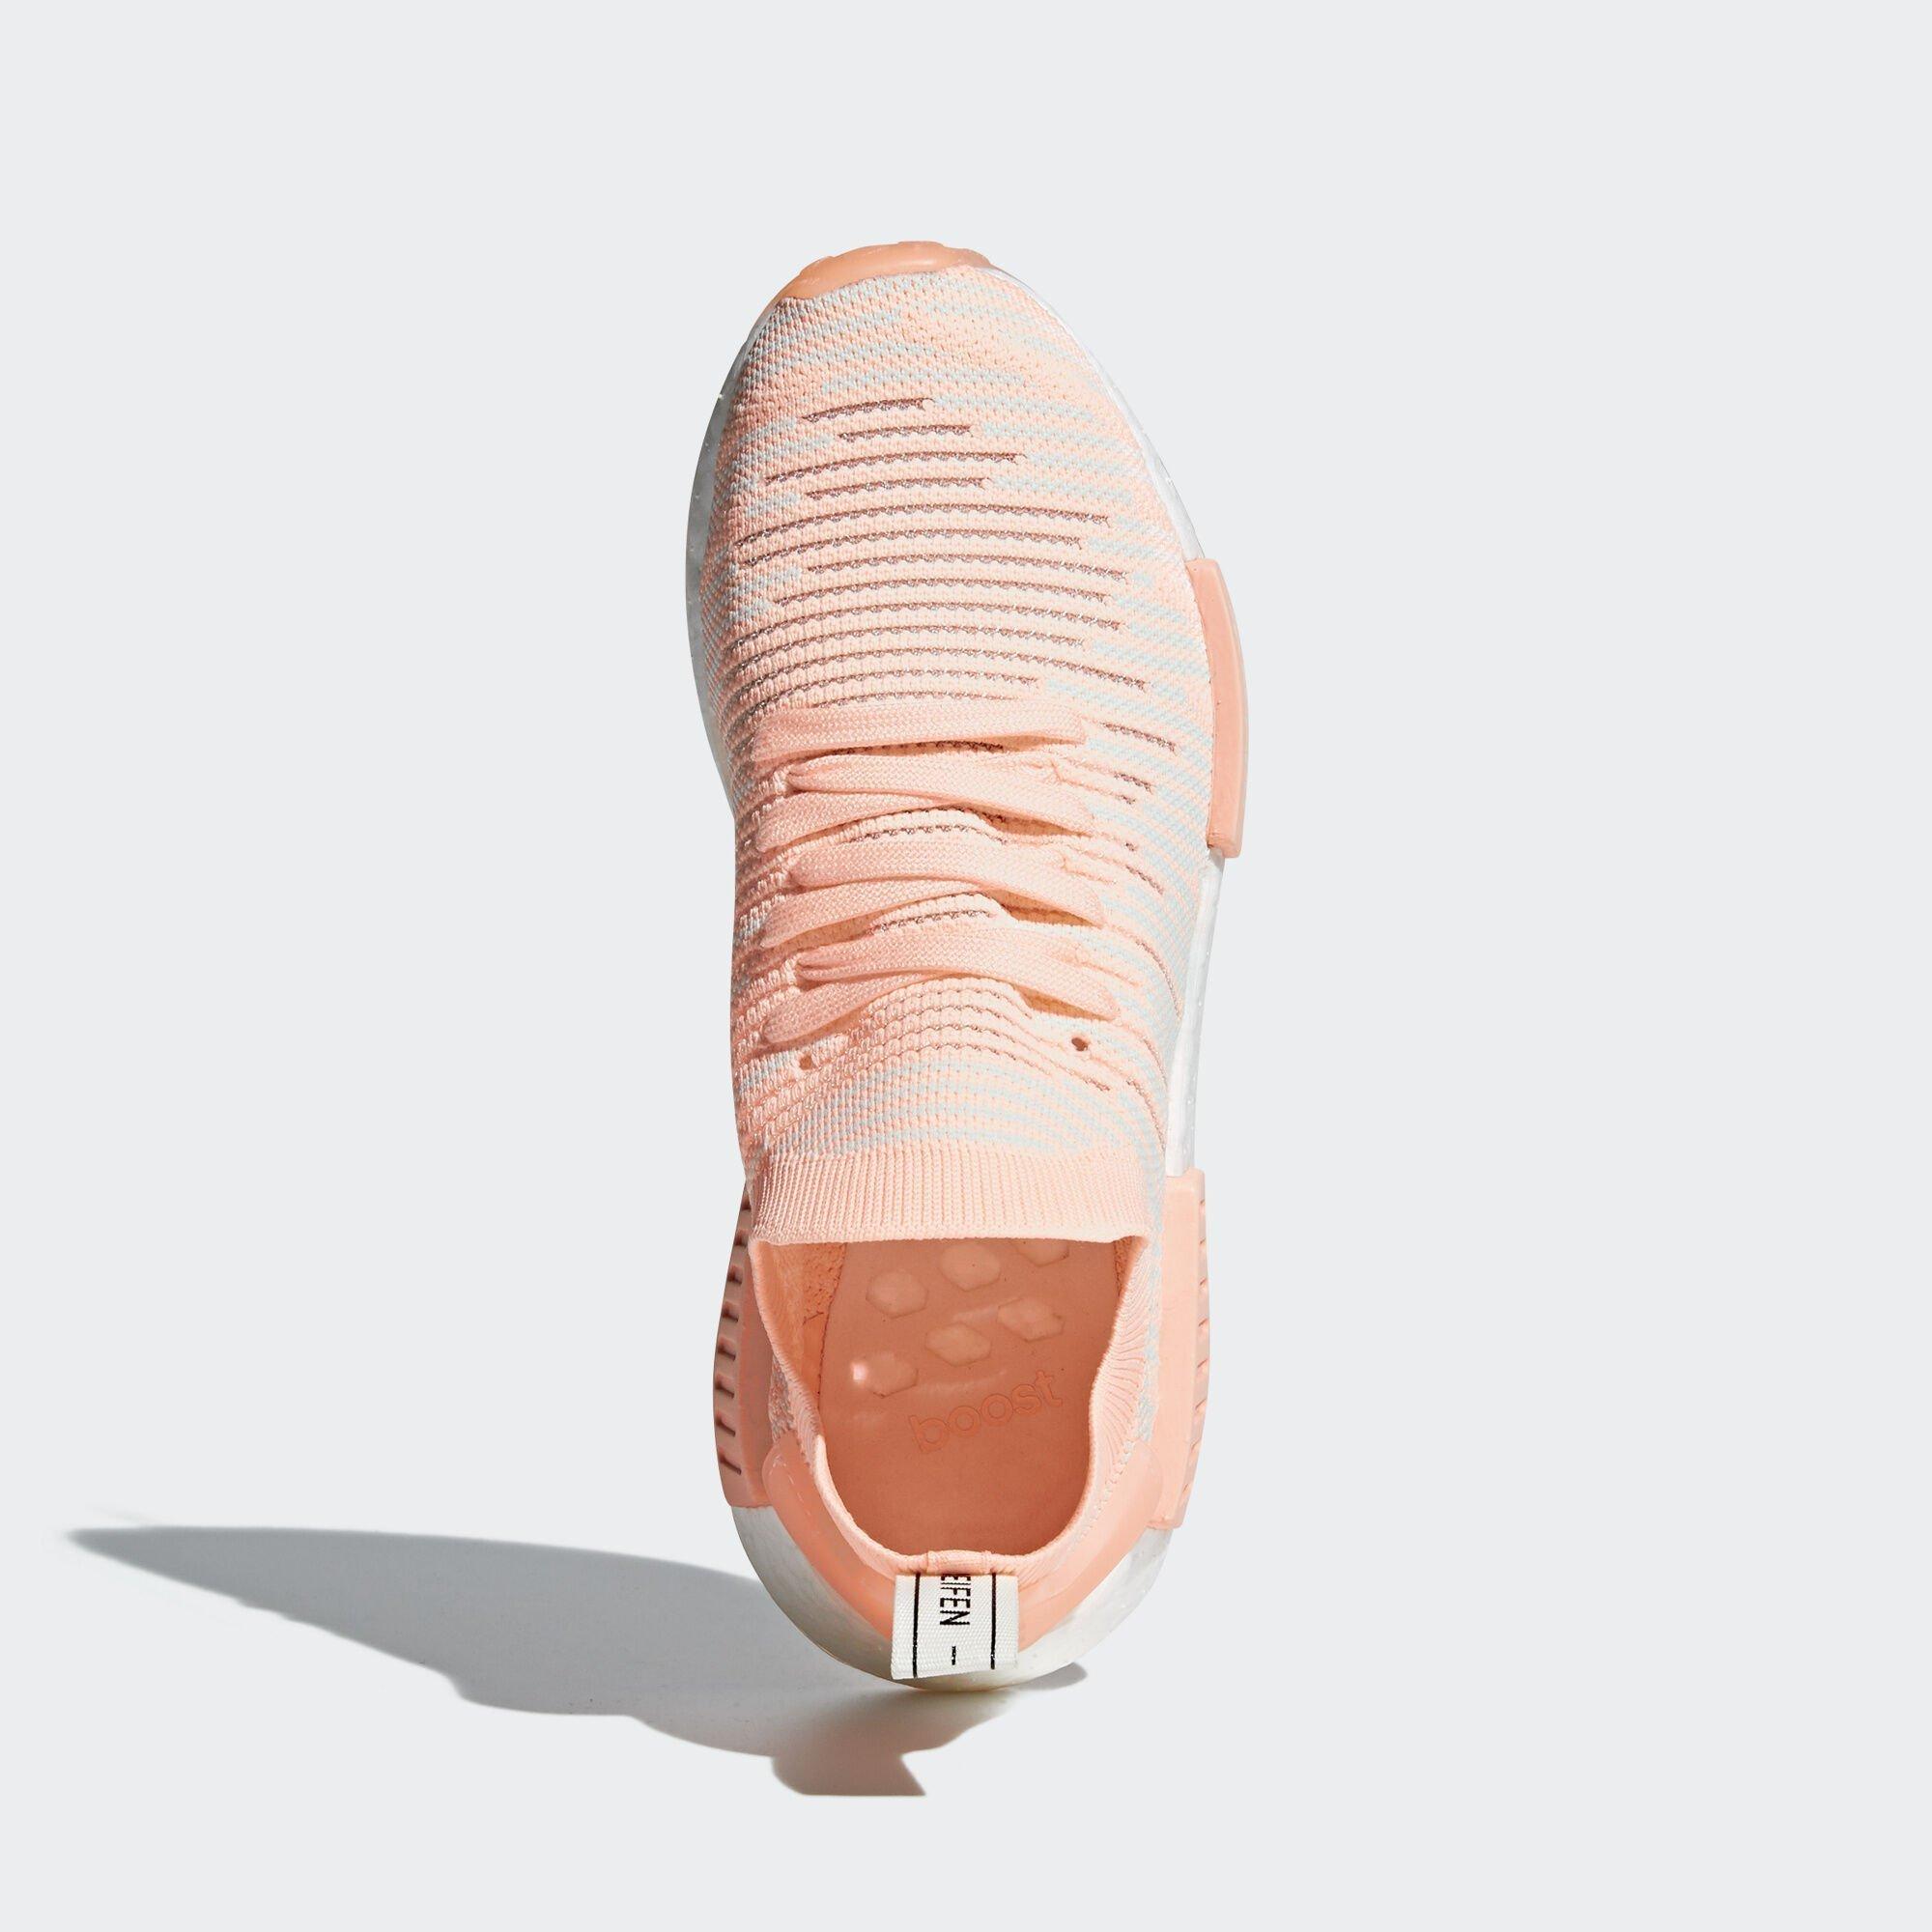 adidas  NMD R1 STLT Clear Orange (W) (AQ1119)